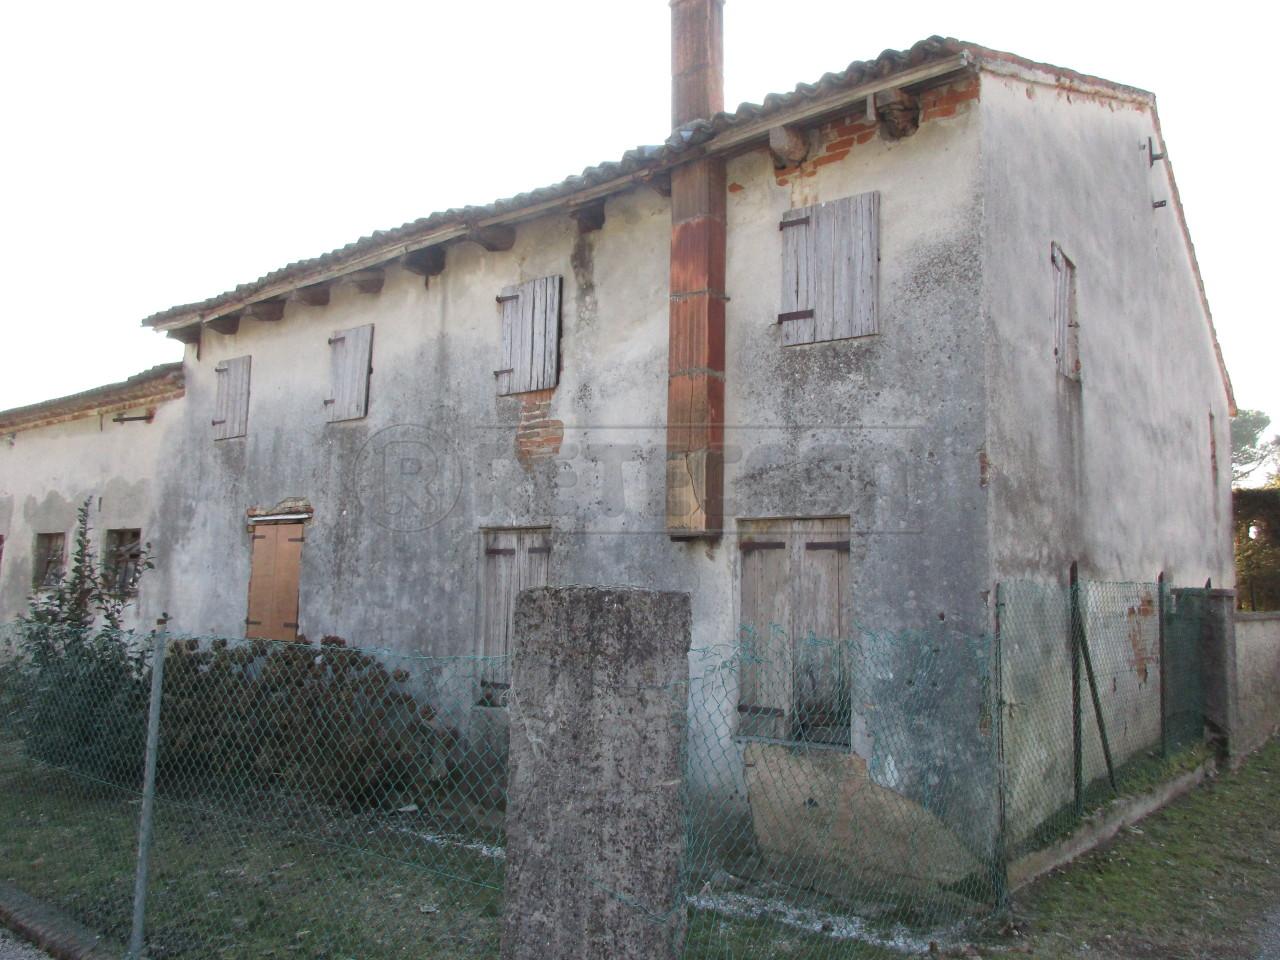 Rustico / Casale in vendita a Camposampiero, 9999 locali, prezzo € 162.000 | Cambio Casa.it